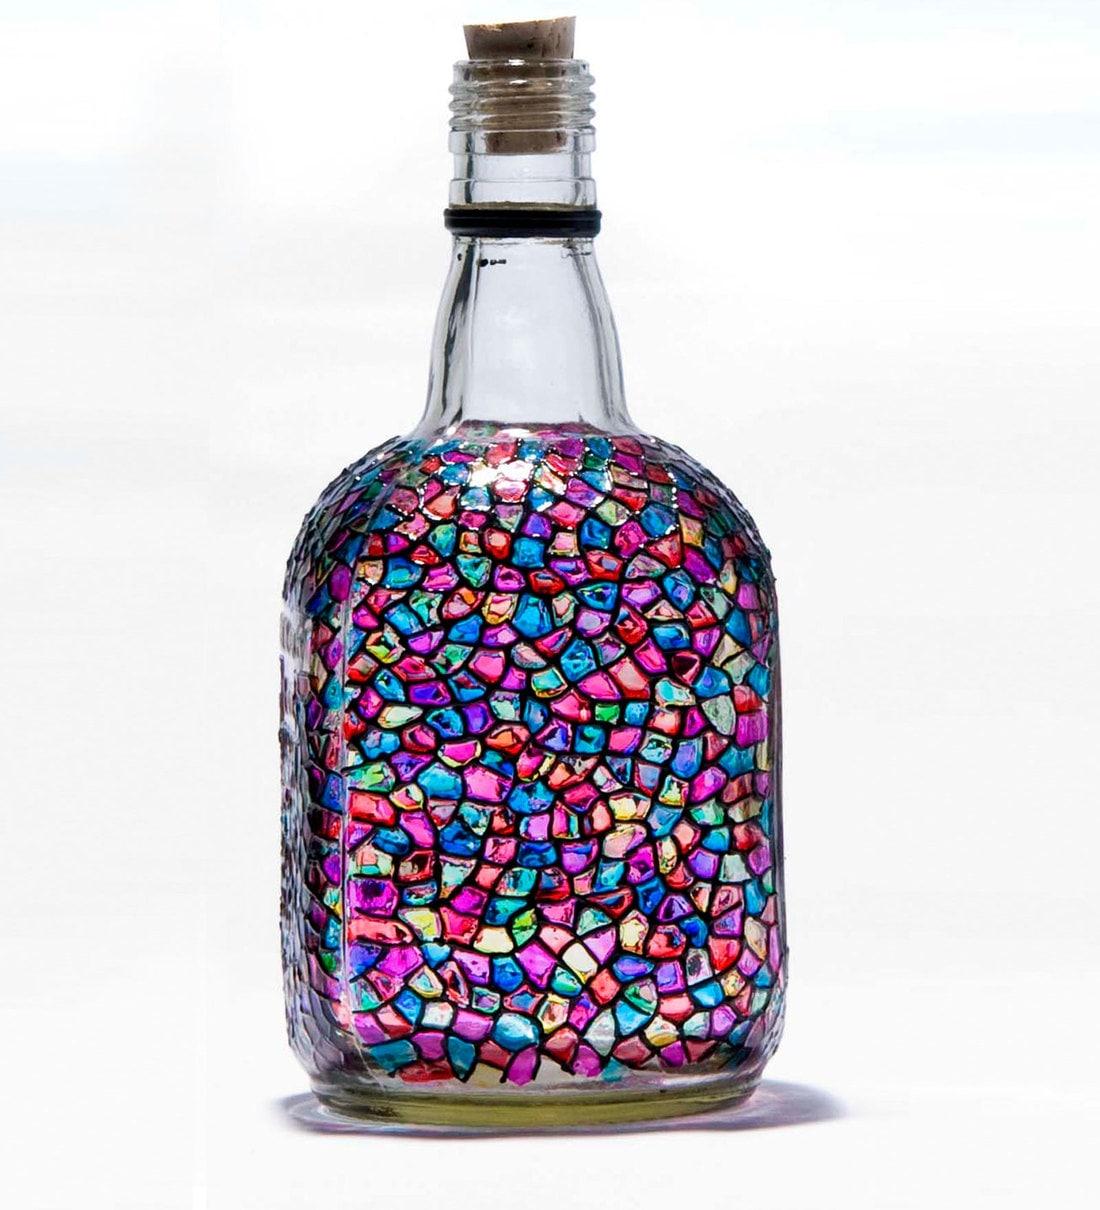 Buy Poppadum Art New Monk Bottle Online Glass Bottles Bottles Dining Bar Pepperfry Product